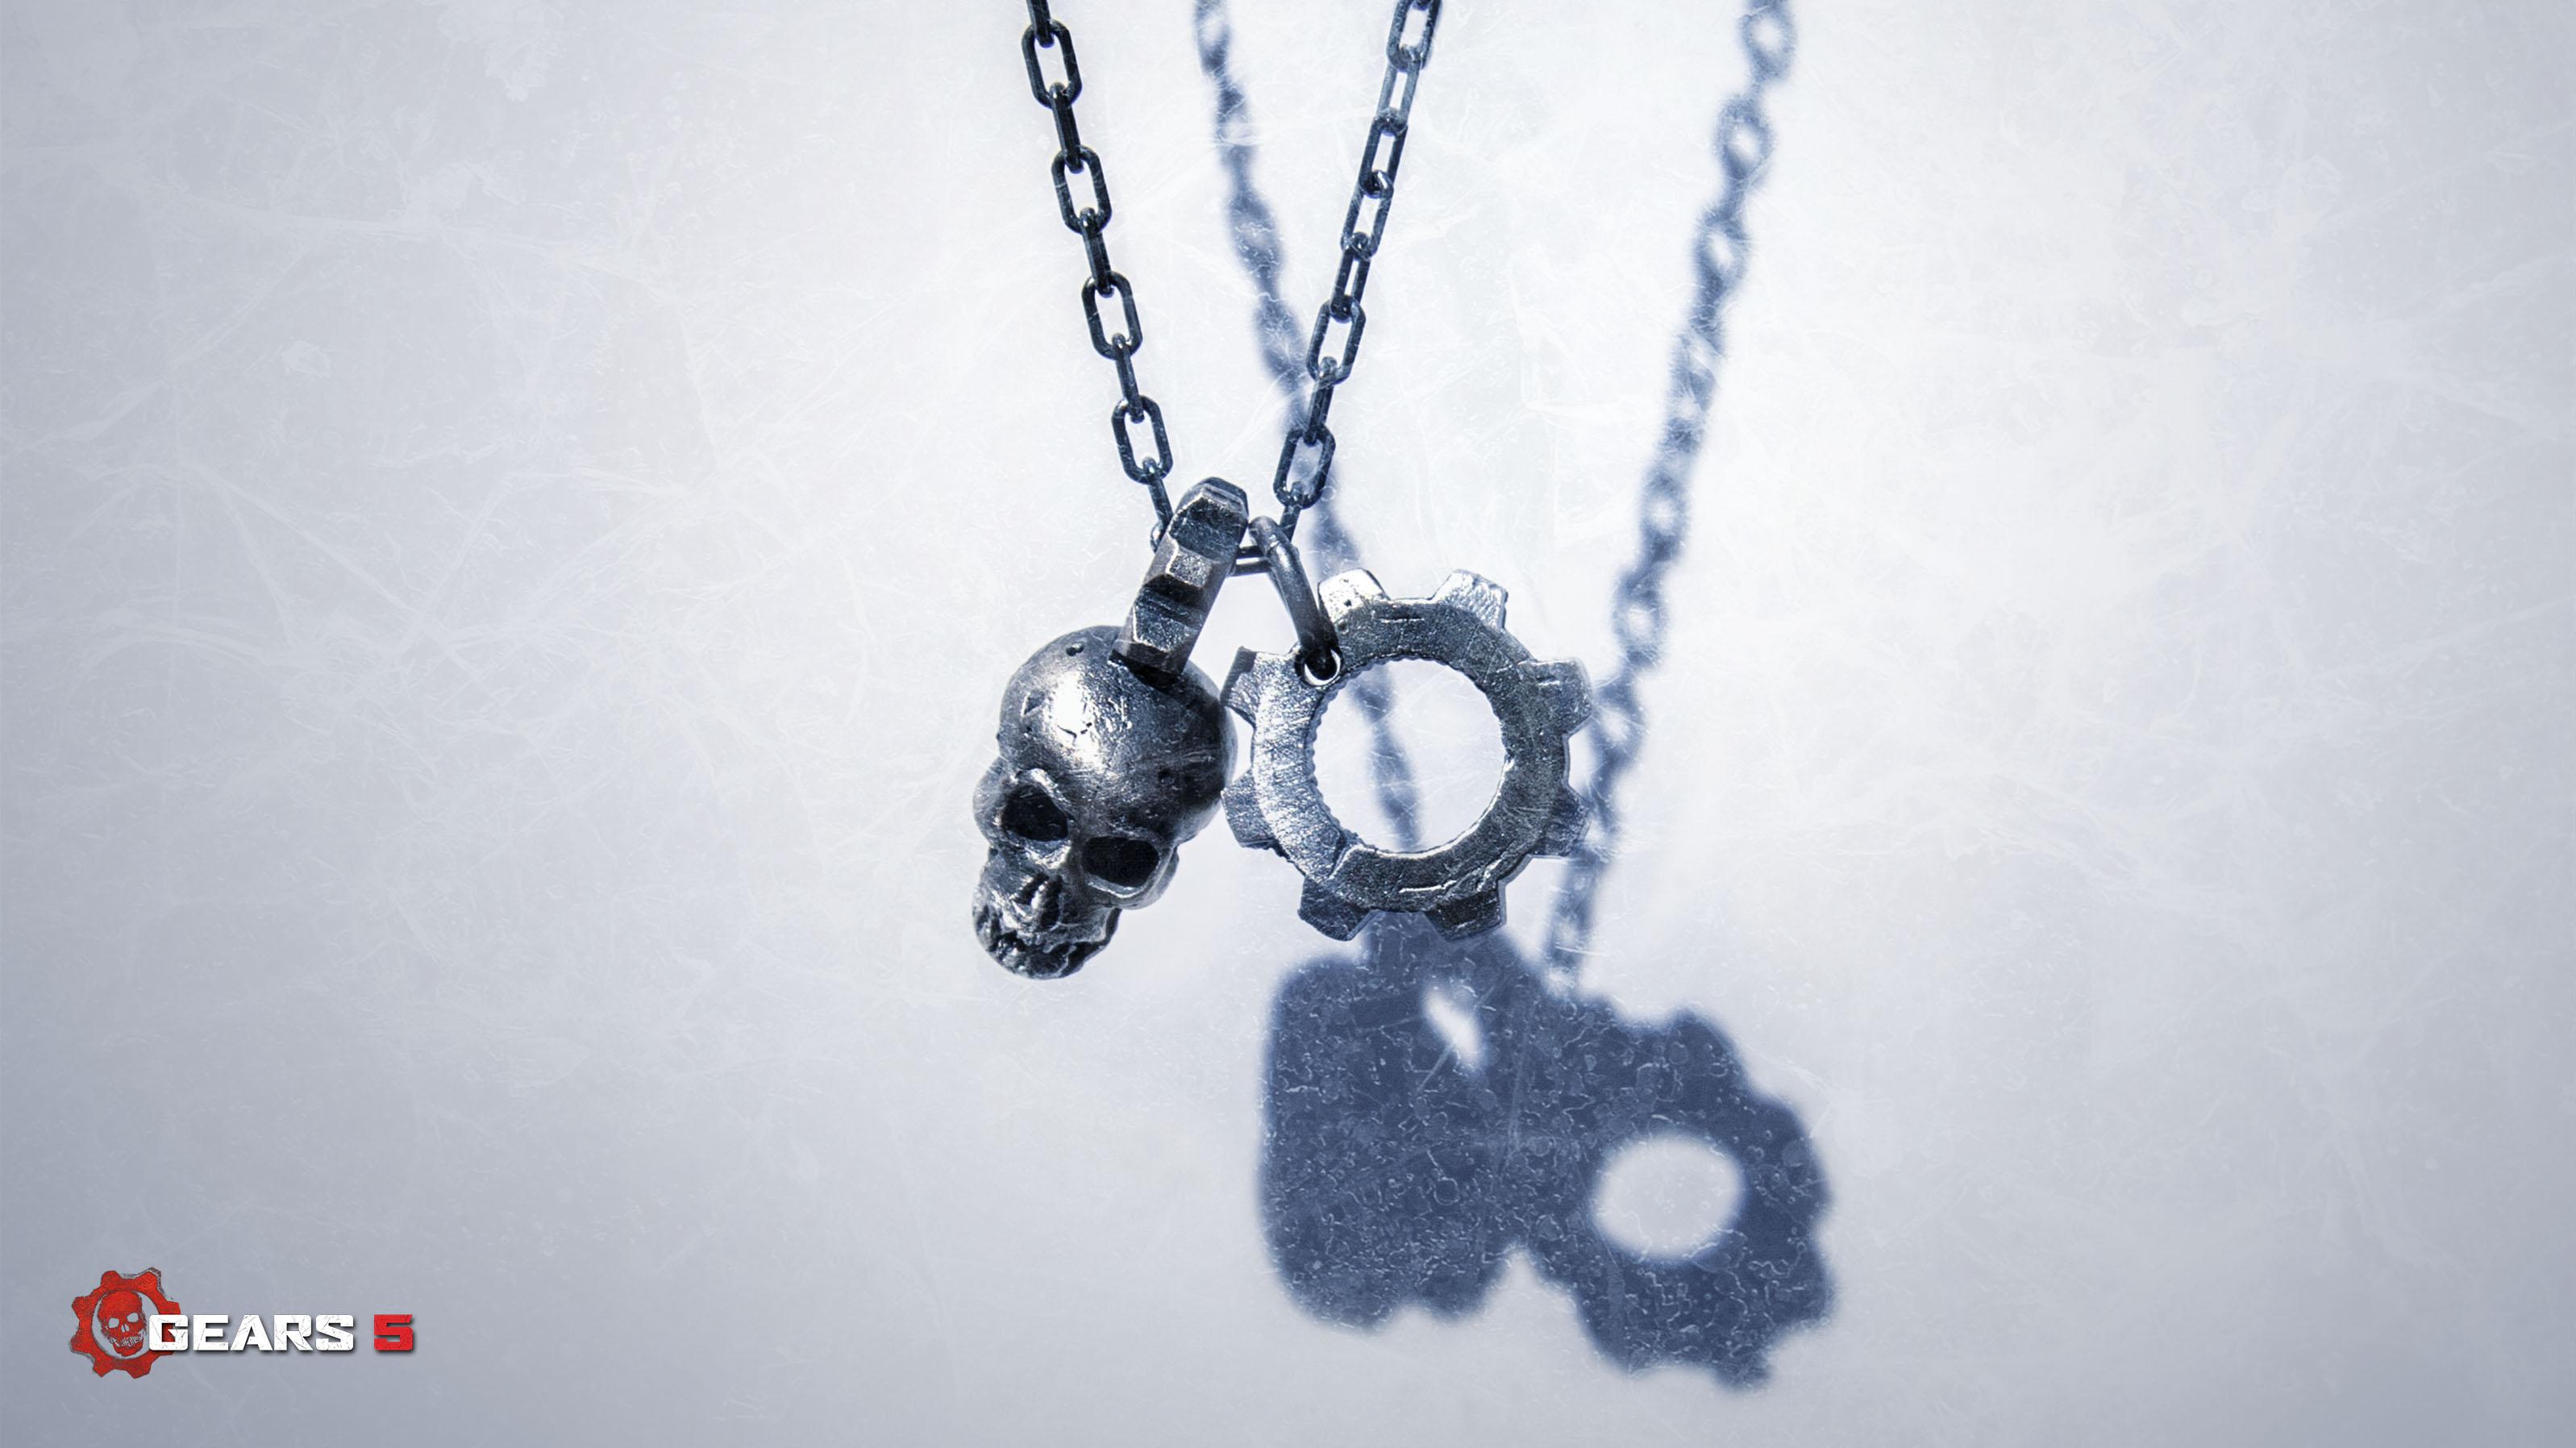 Gears 5 Jewellery - Pendant Necklace (Landscape)